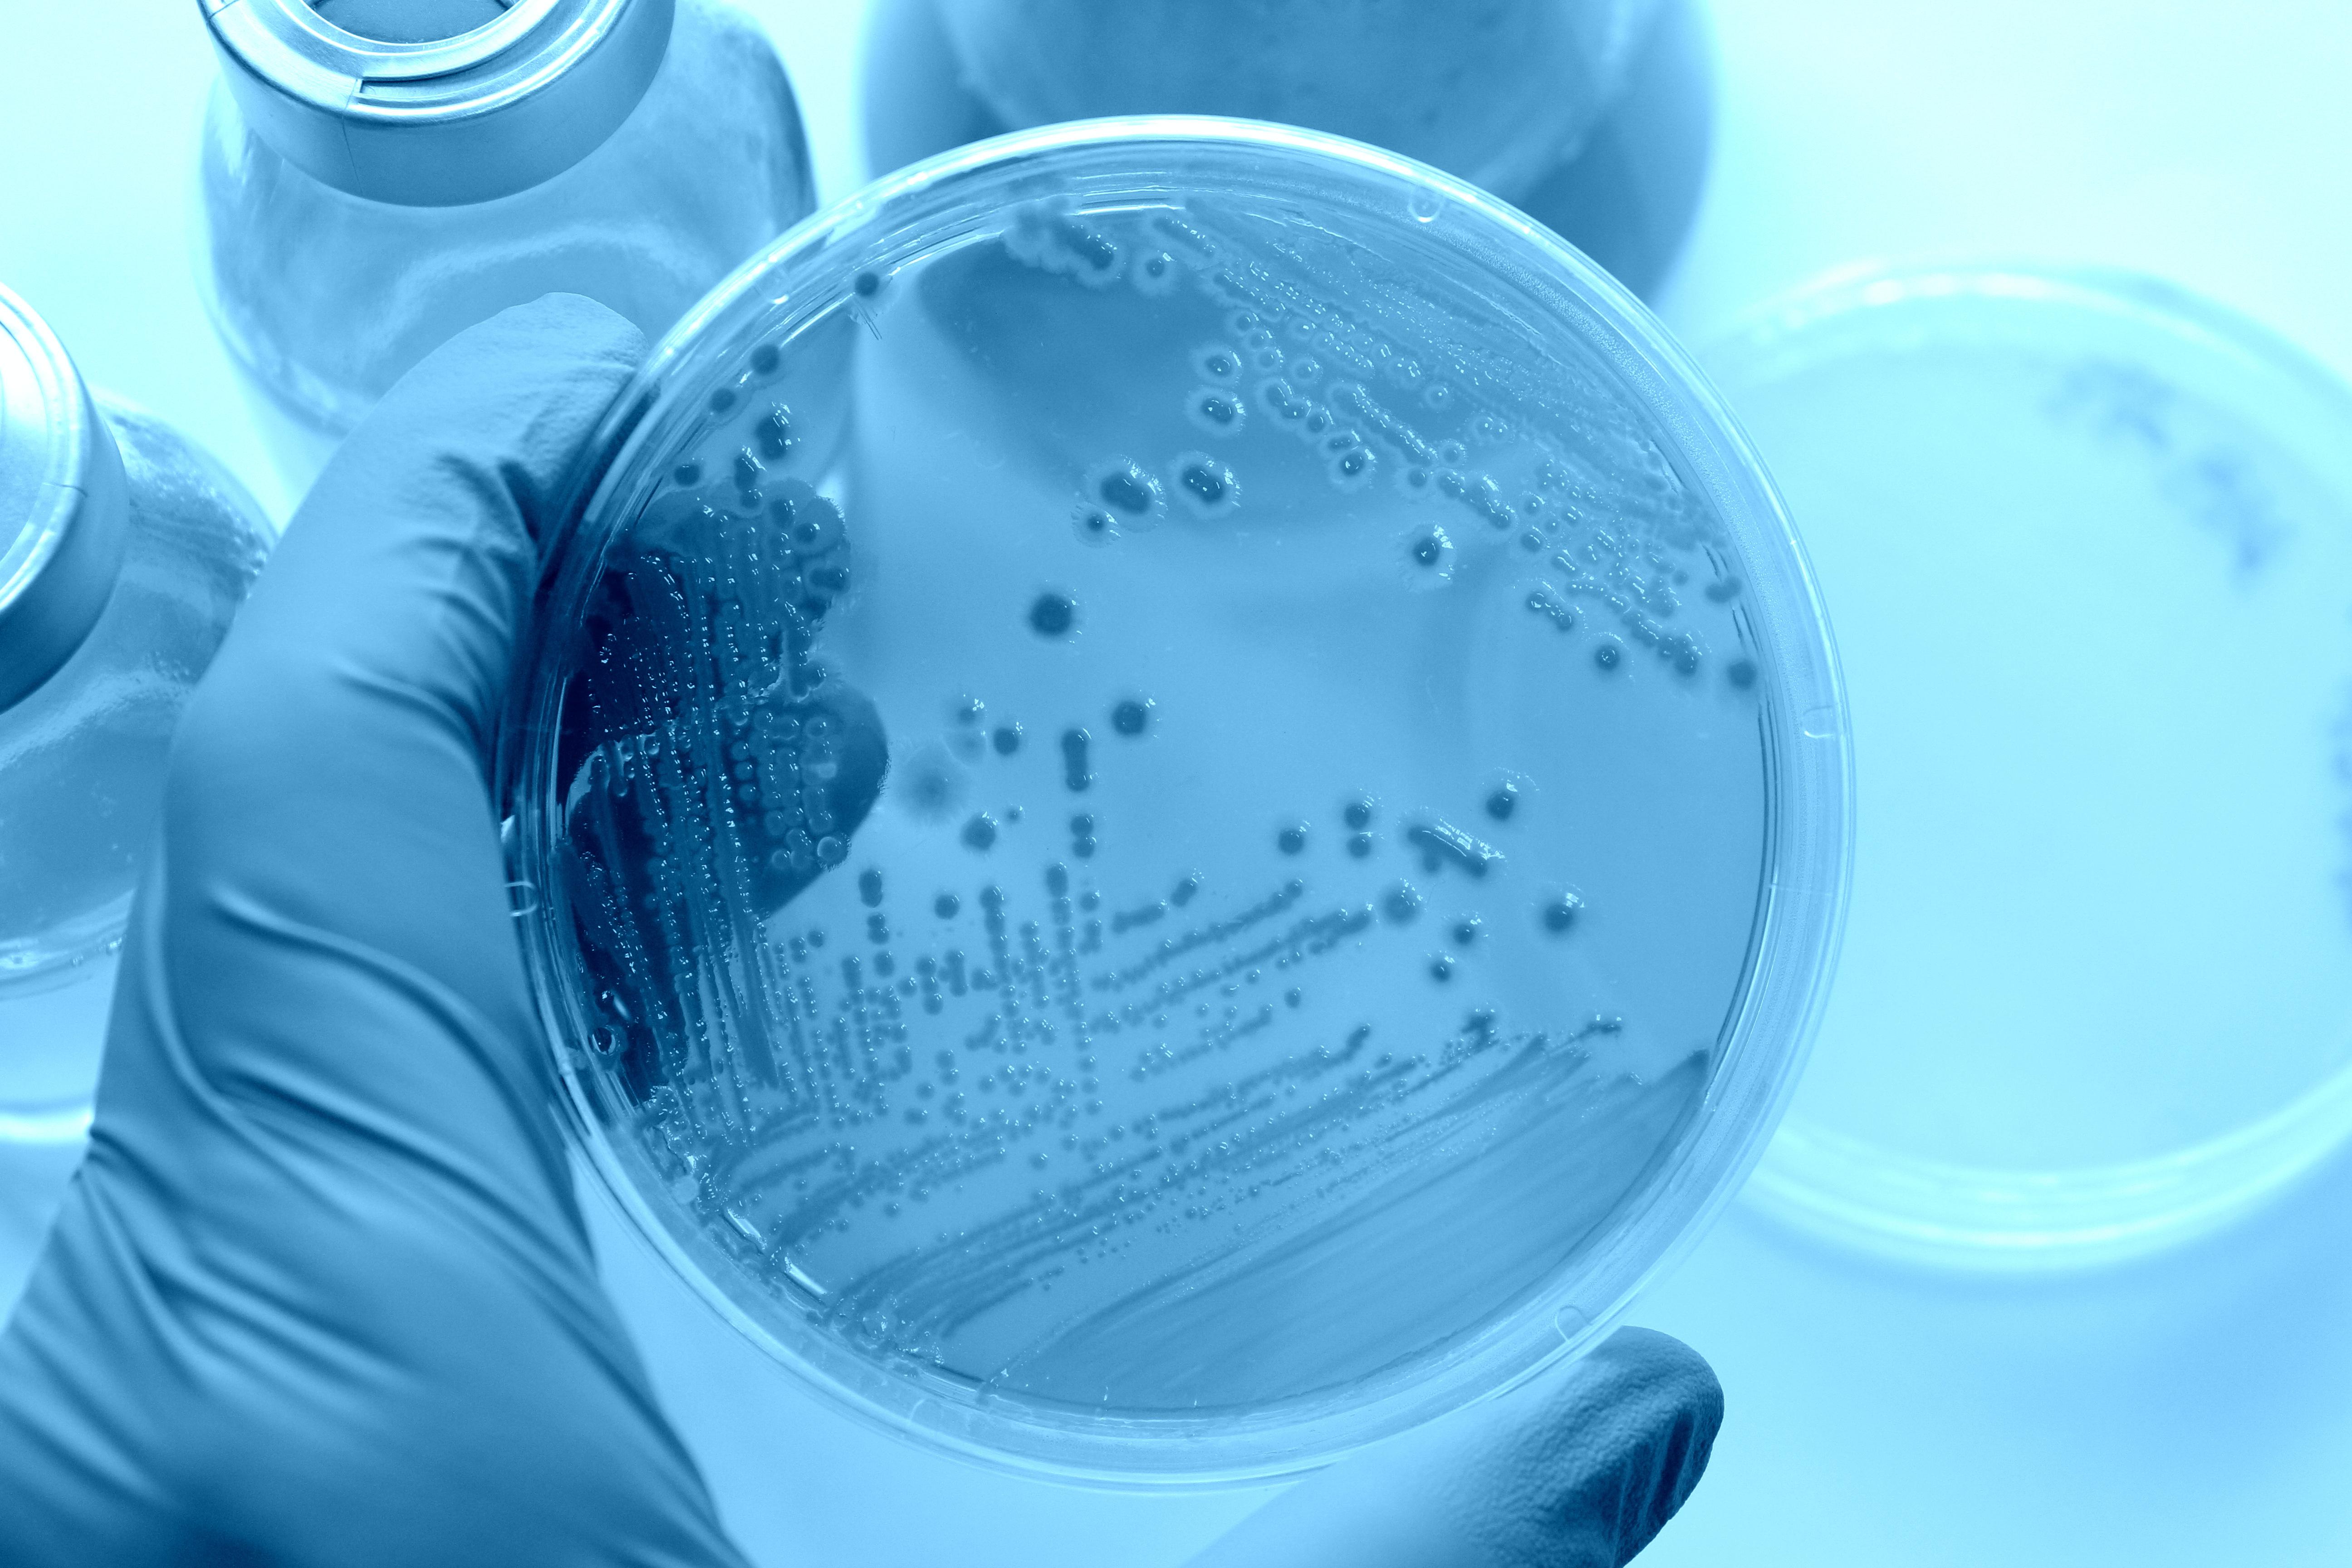 Des changements dans le microbiome intestinal apparaissent liés à un comportement semblable au comportement observé dans la maladie d'Alzheimer (Visuel Adobe Stock 78527054)